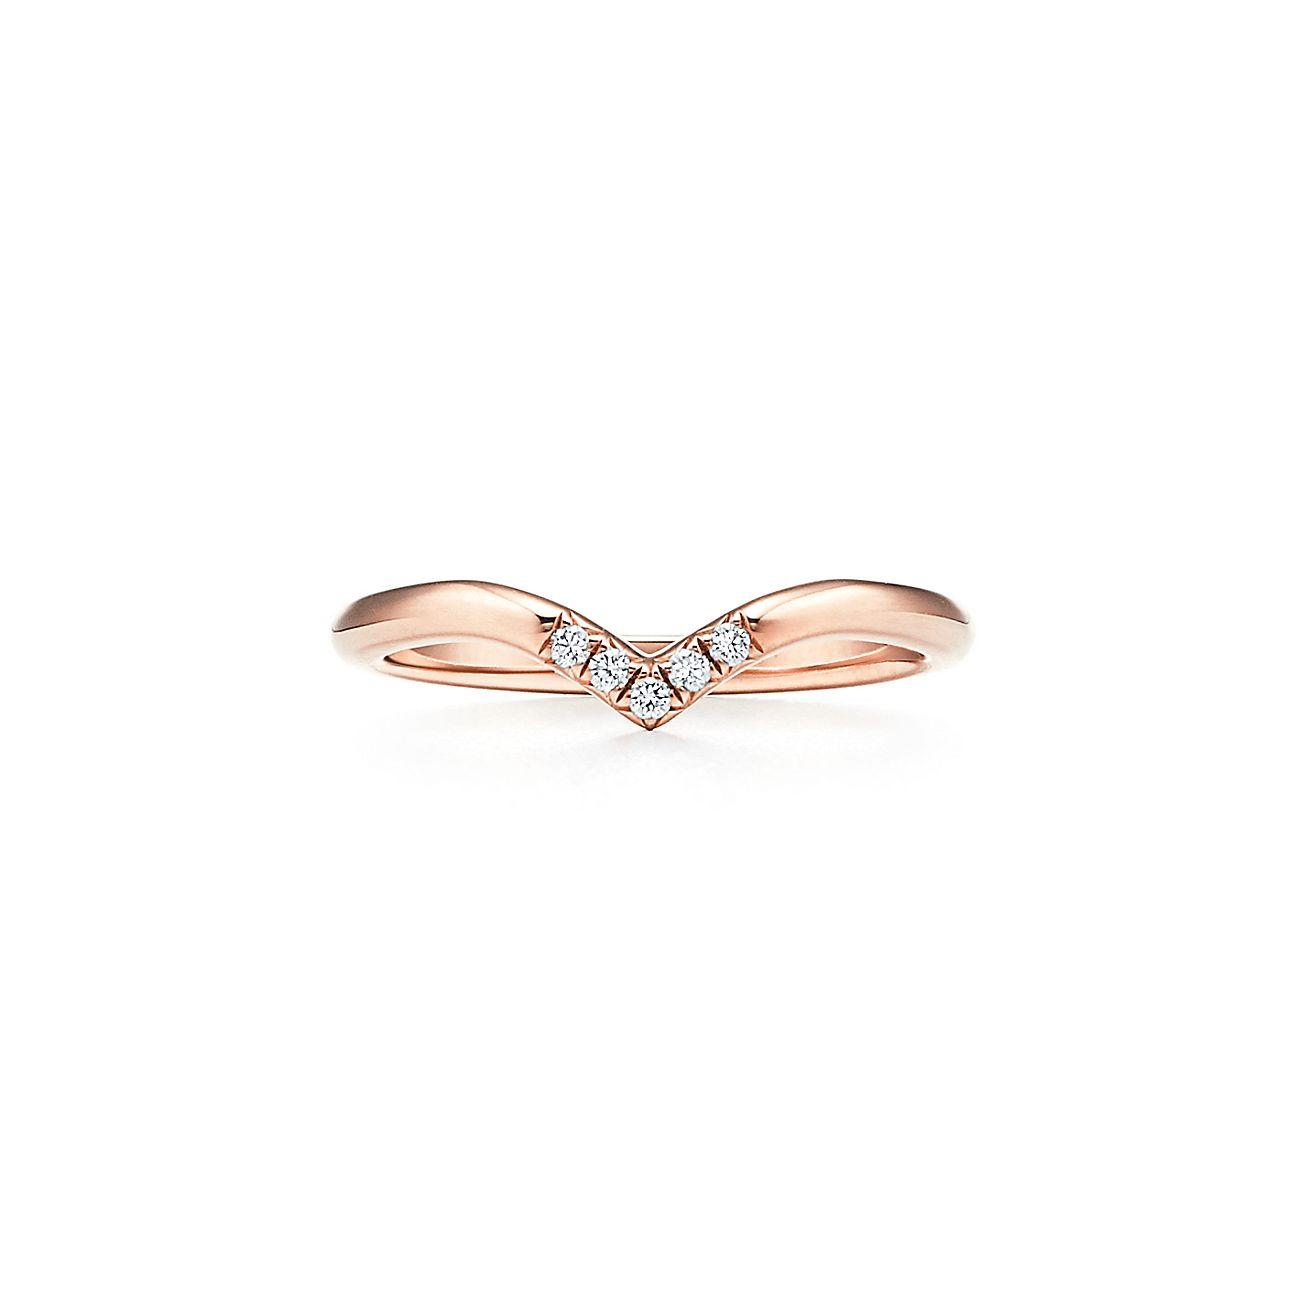 Tiffany Soleste V Ring In 18k Rose Gold With Five Diamonds